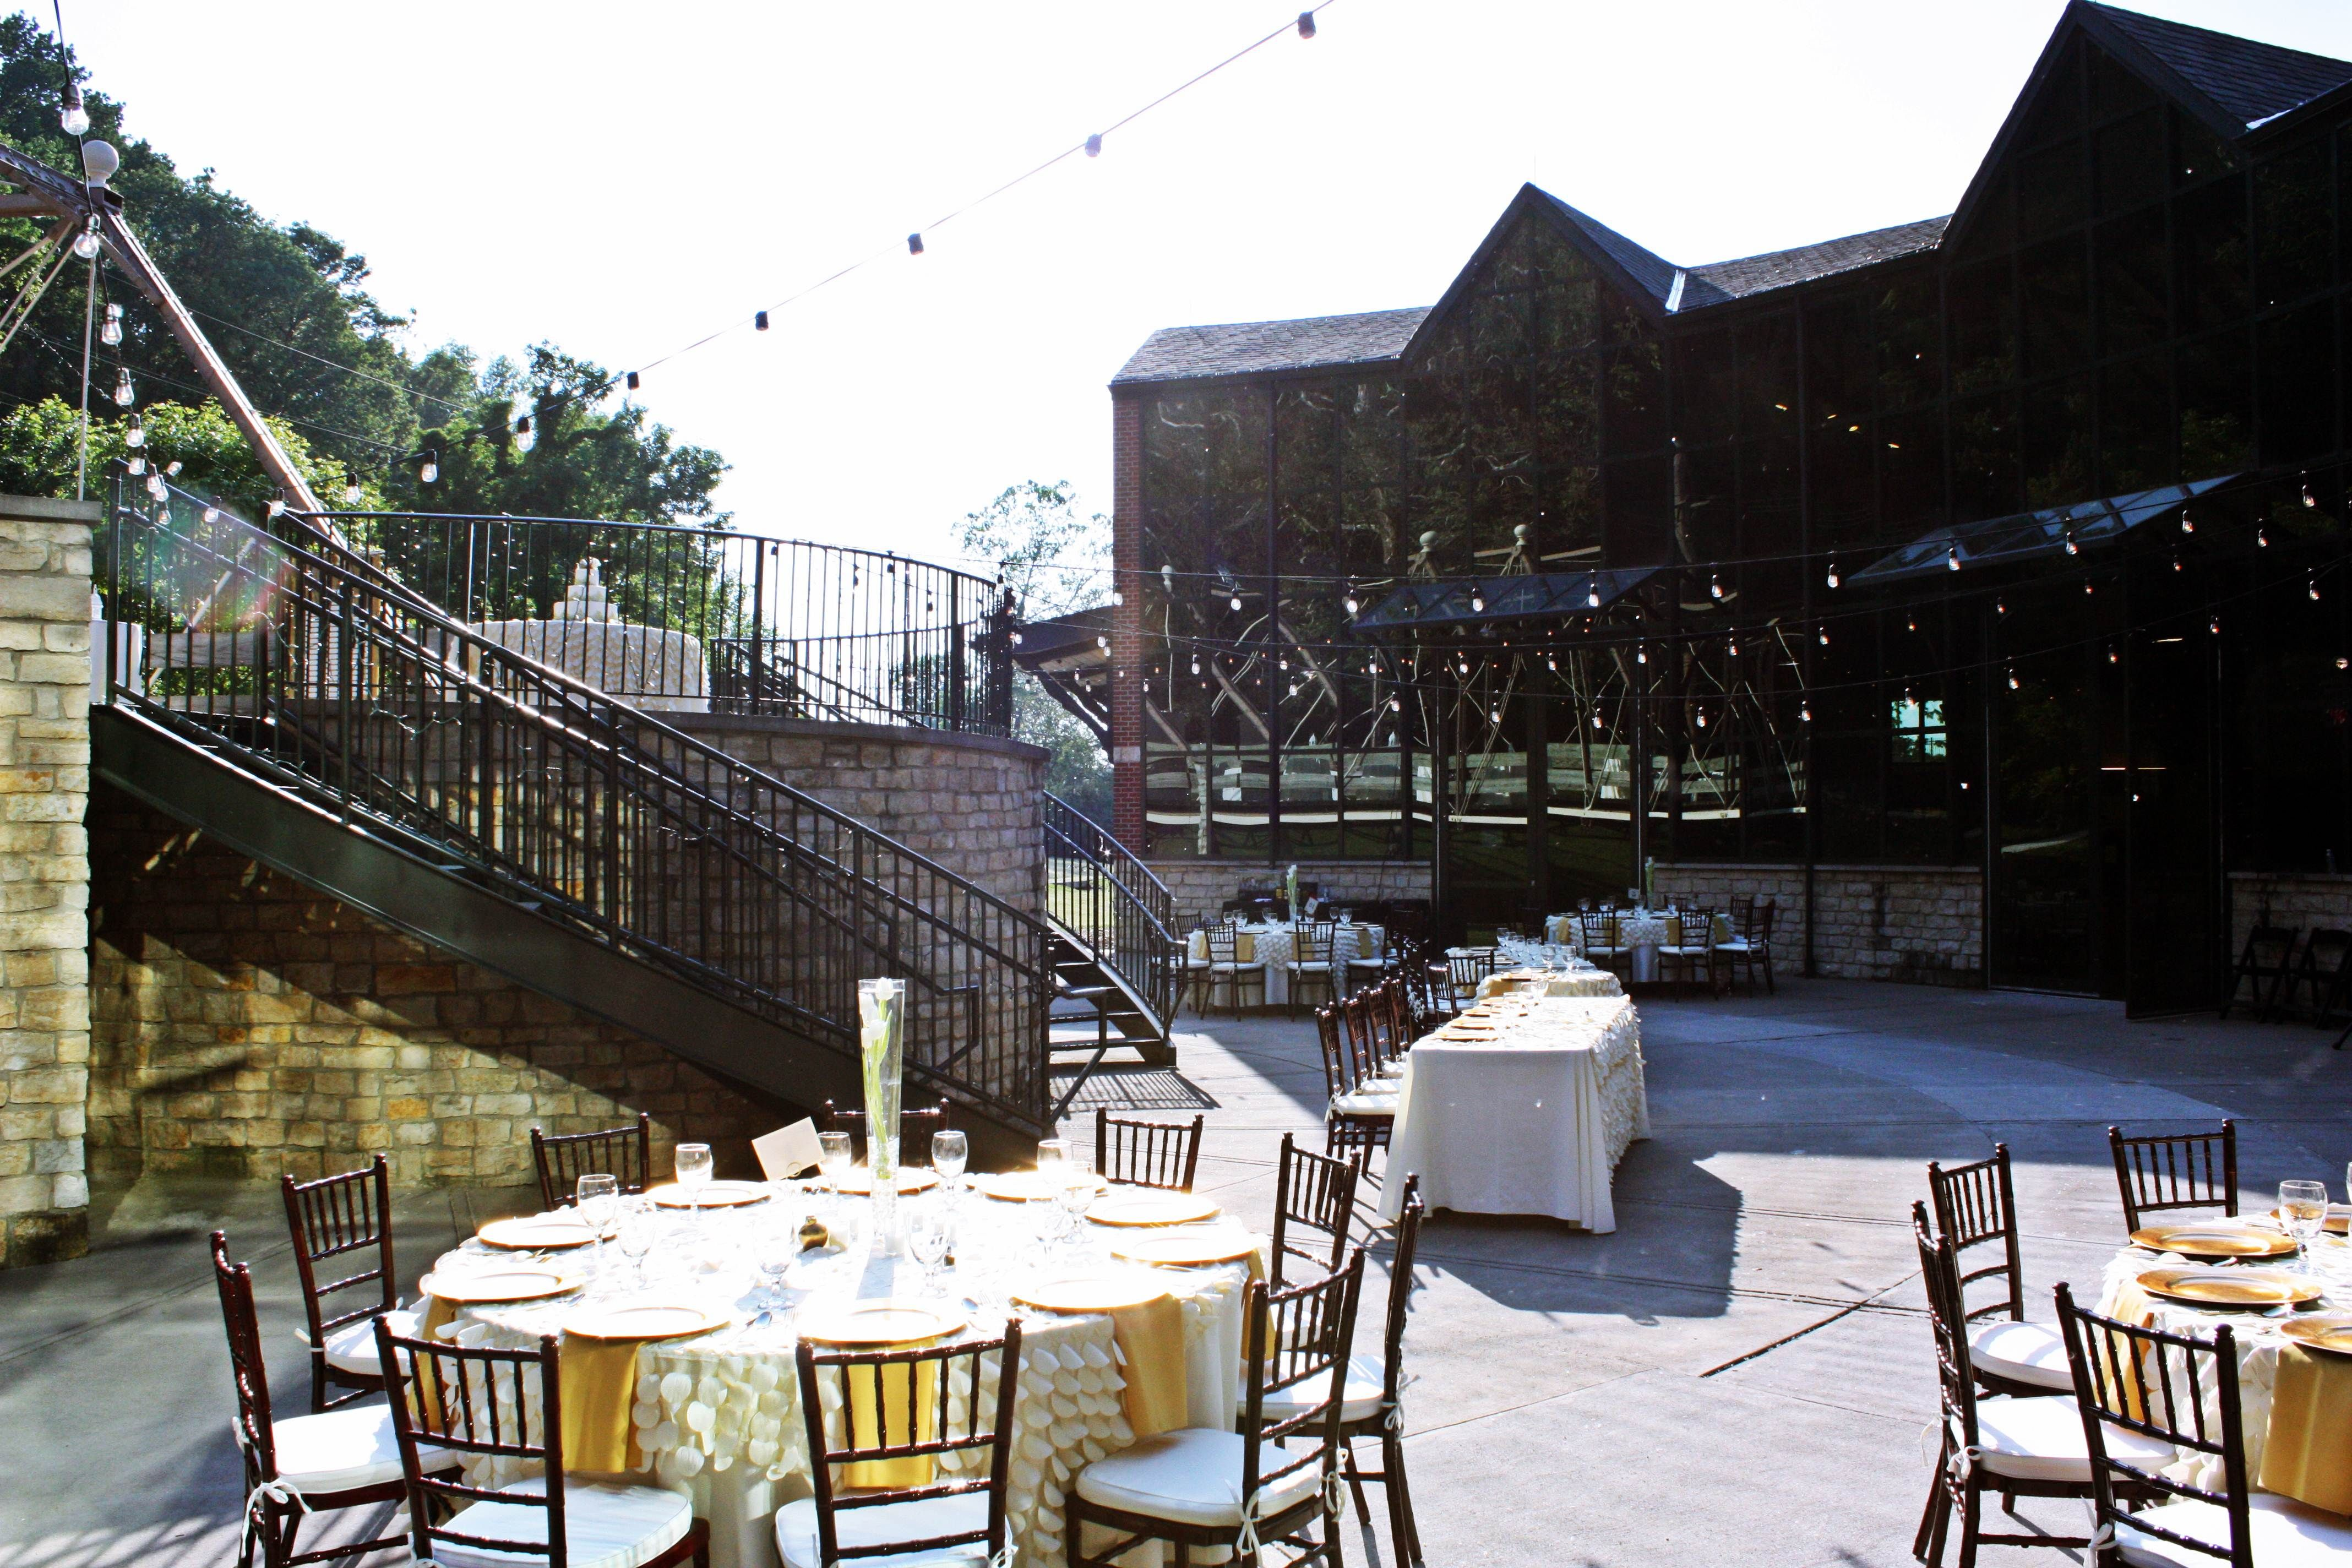 wedding reception at f dicke family transportation center